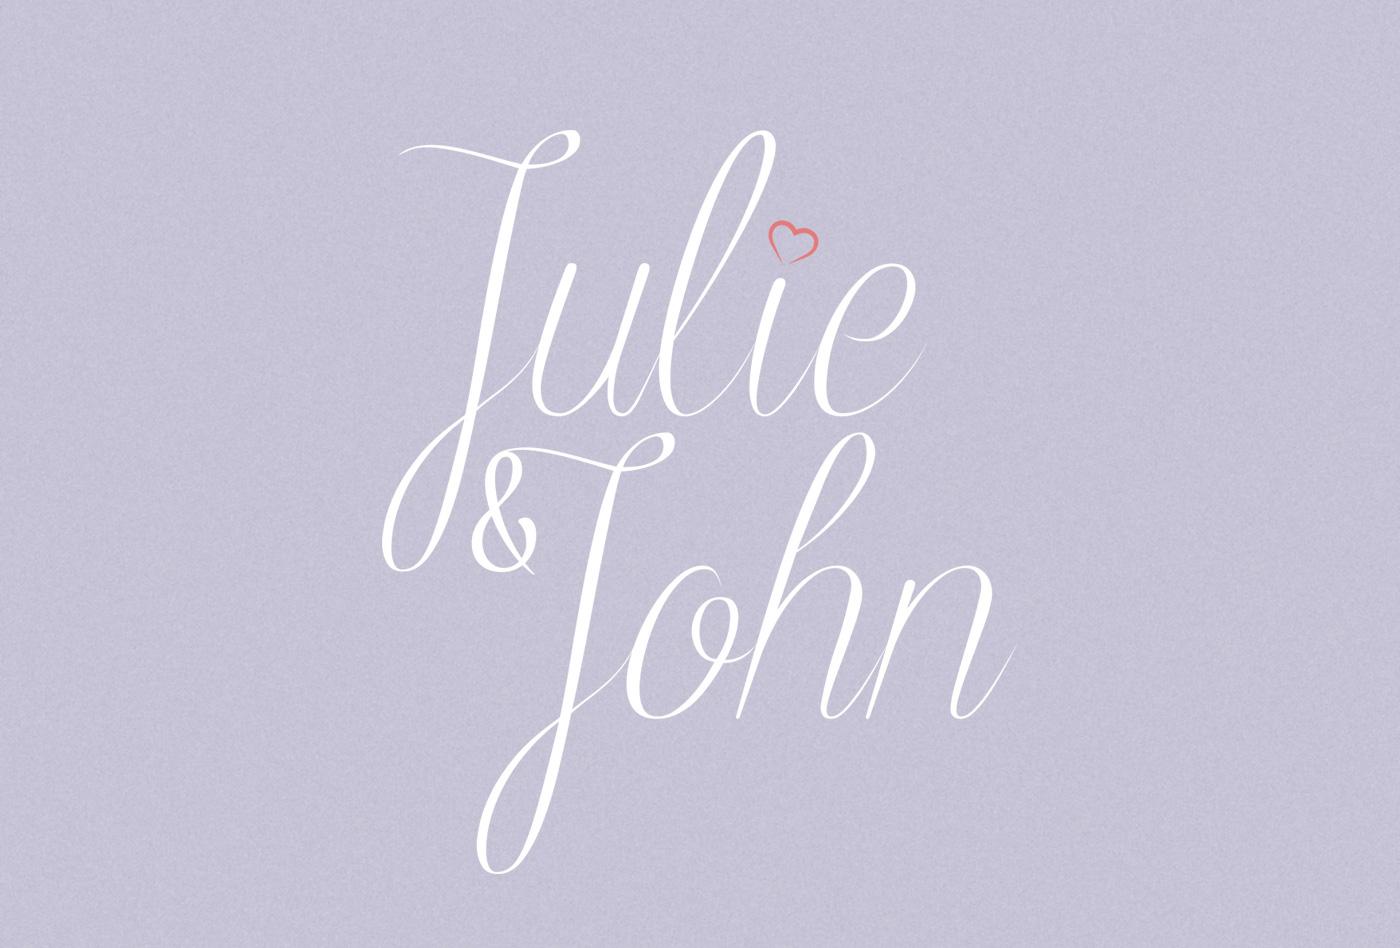 Logo du mariage de Julie et john